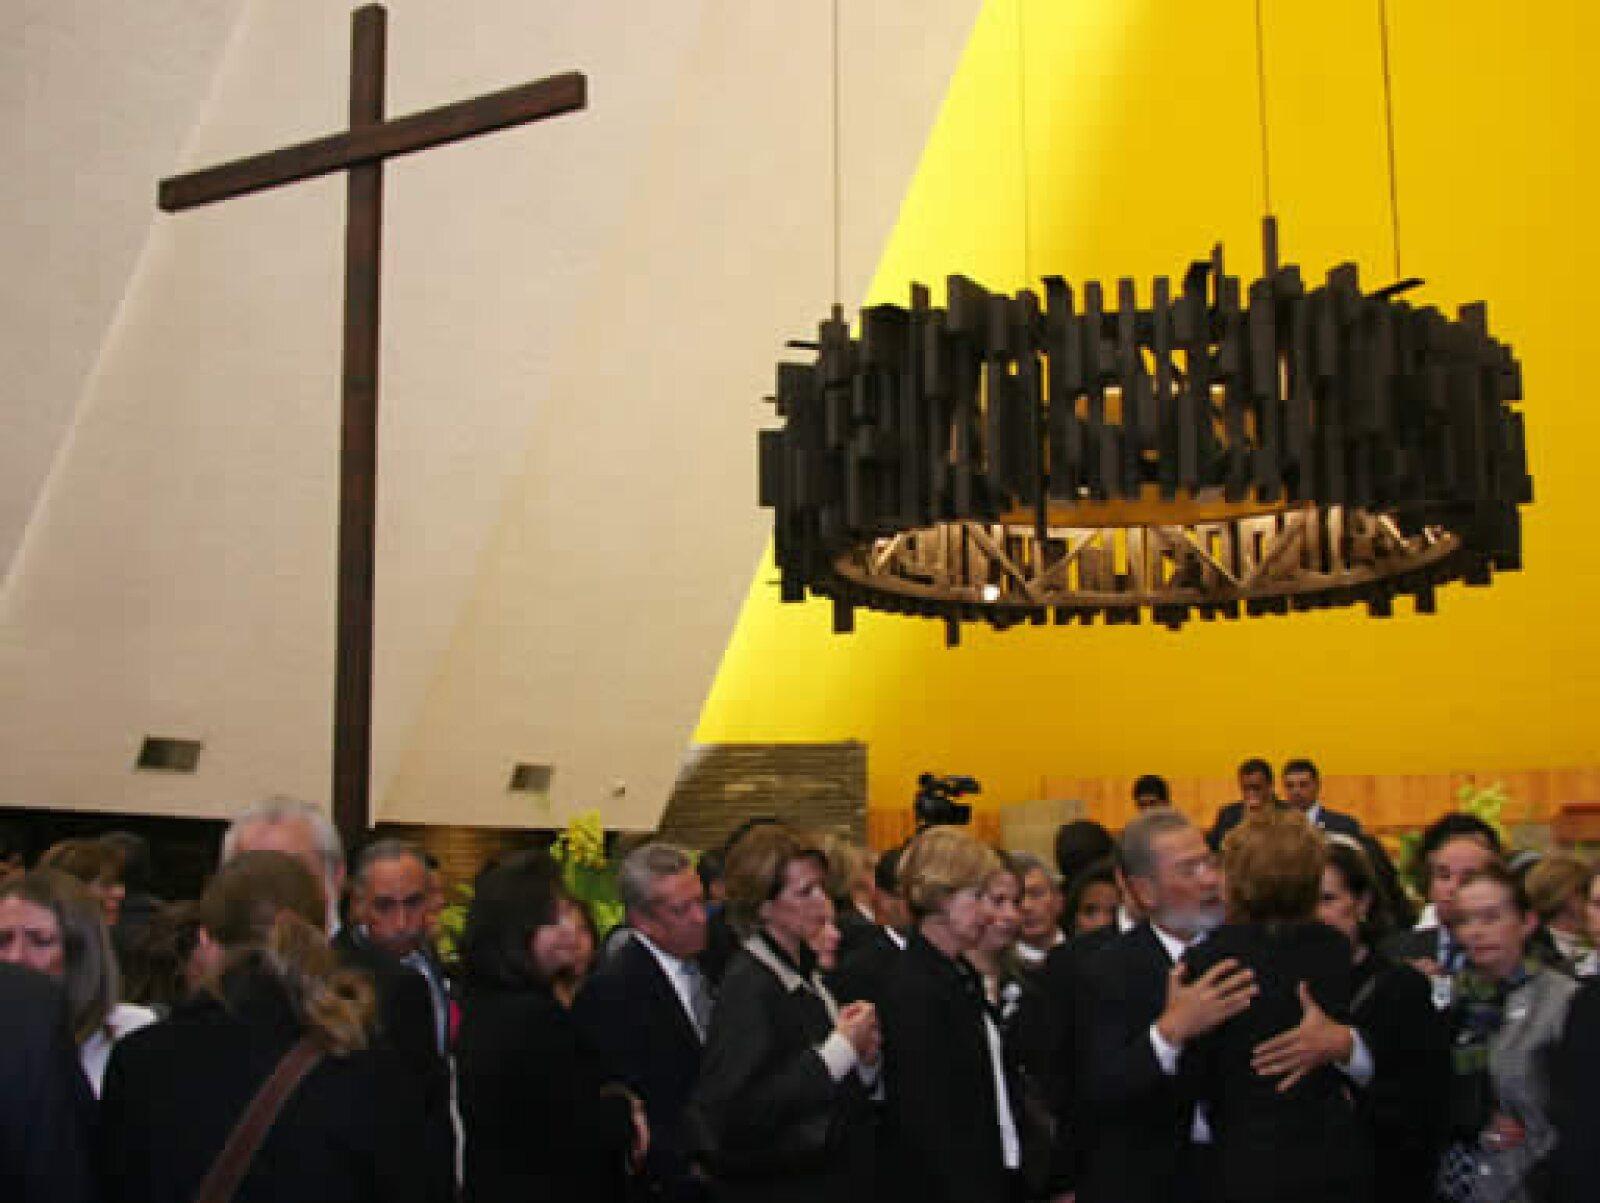 La última misa se celebró el 11 de agosto en la iglesia de la Santa Cruz en Jardines del Pedregal.